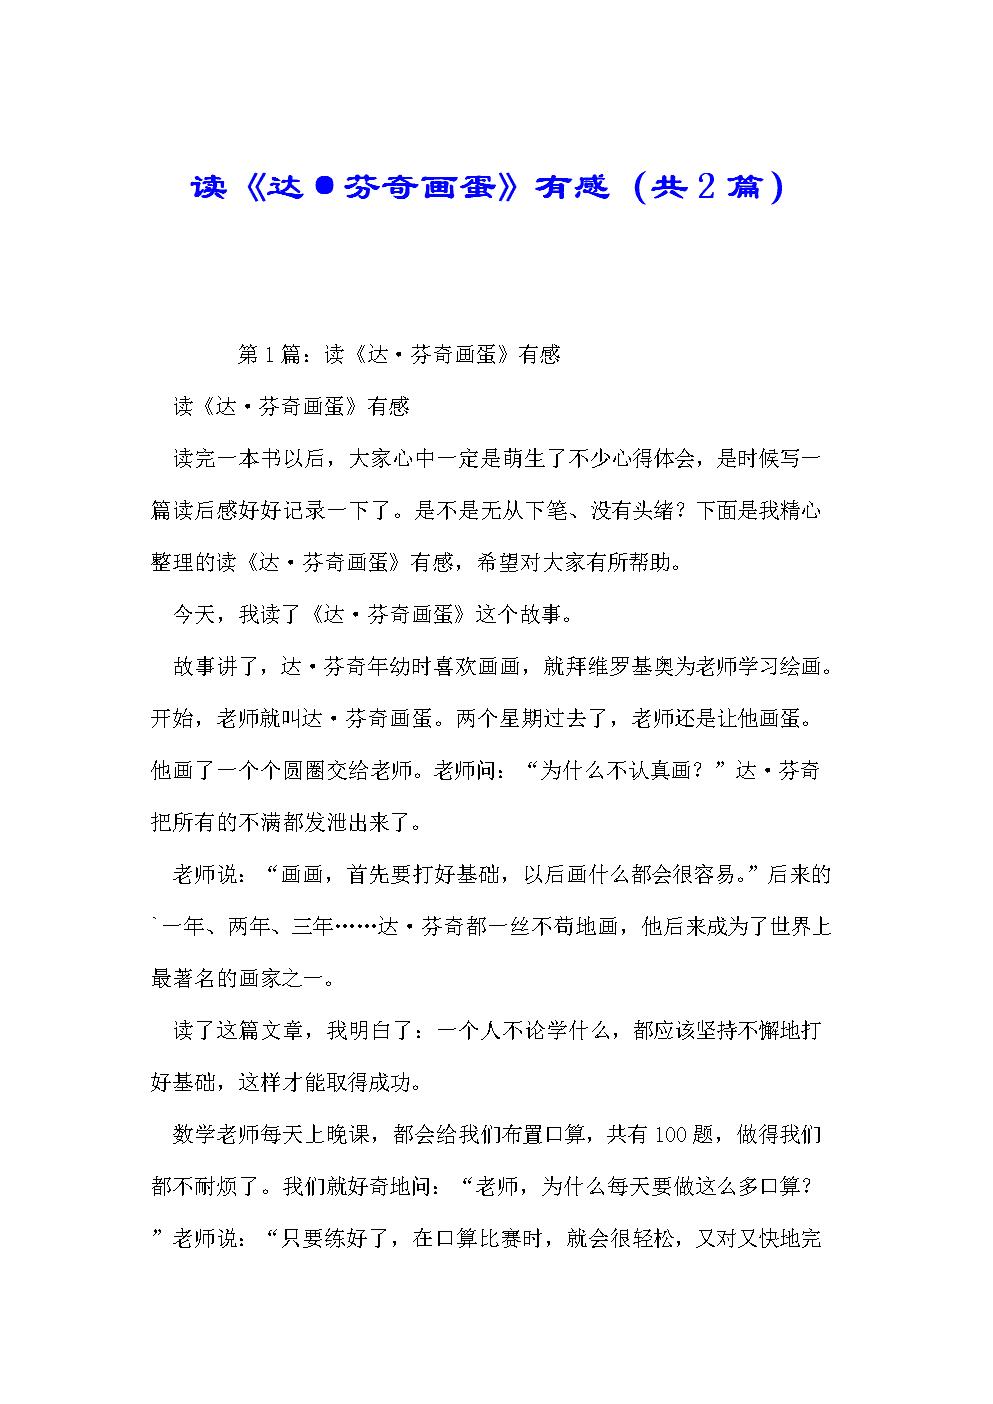 读《达·芬奇画蛋》有感(共2篇).doc